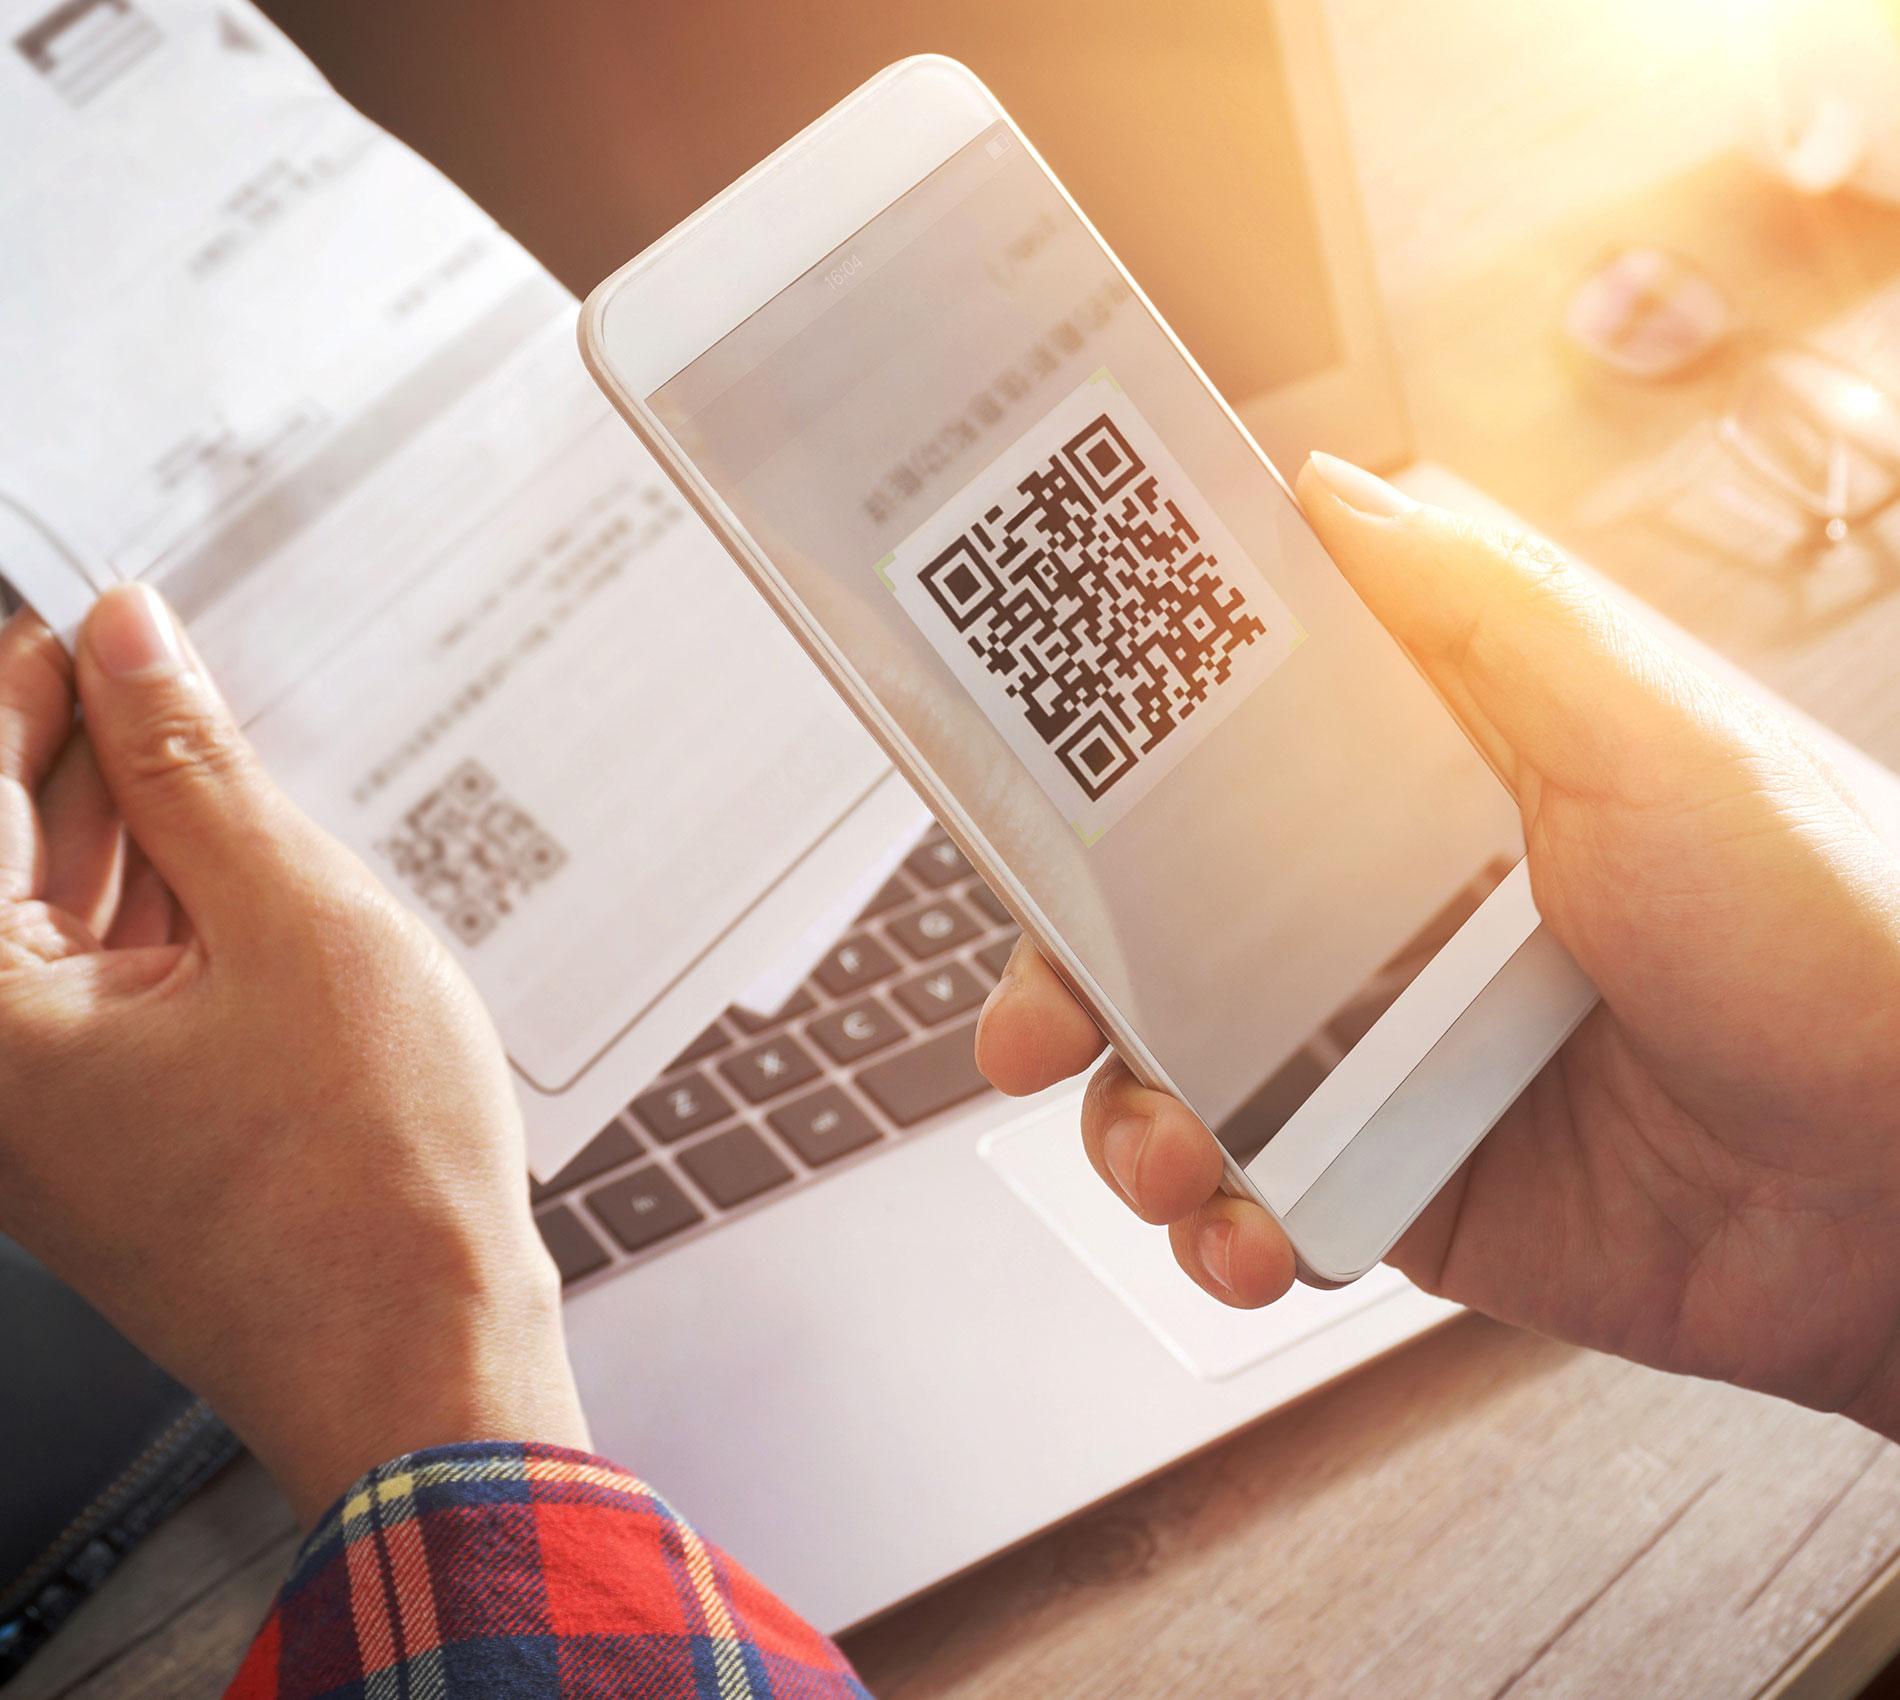 Pix: entenda as novas regras do pagamento instantâneo